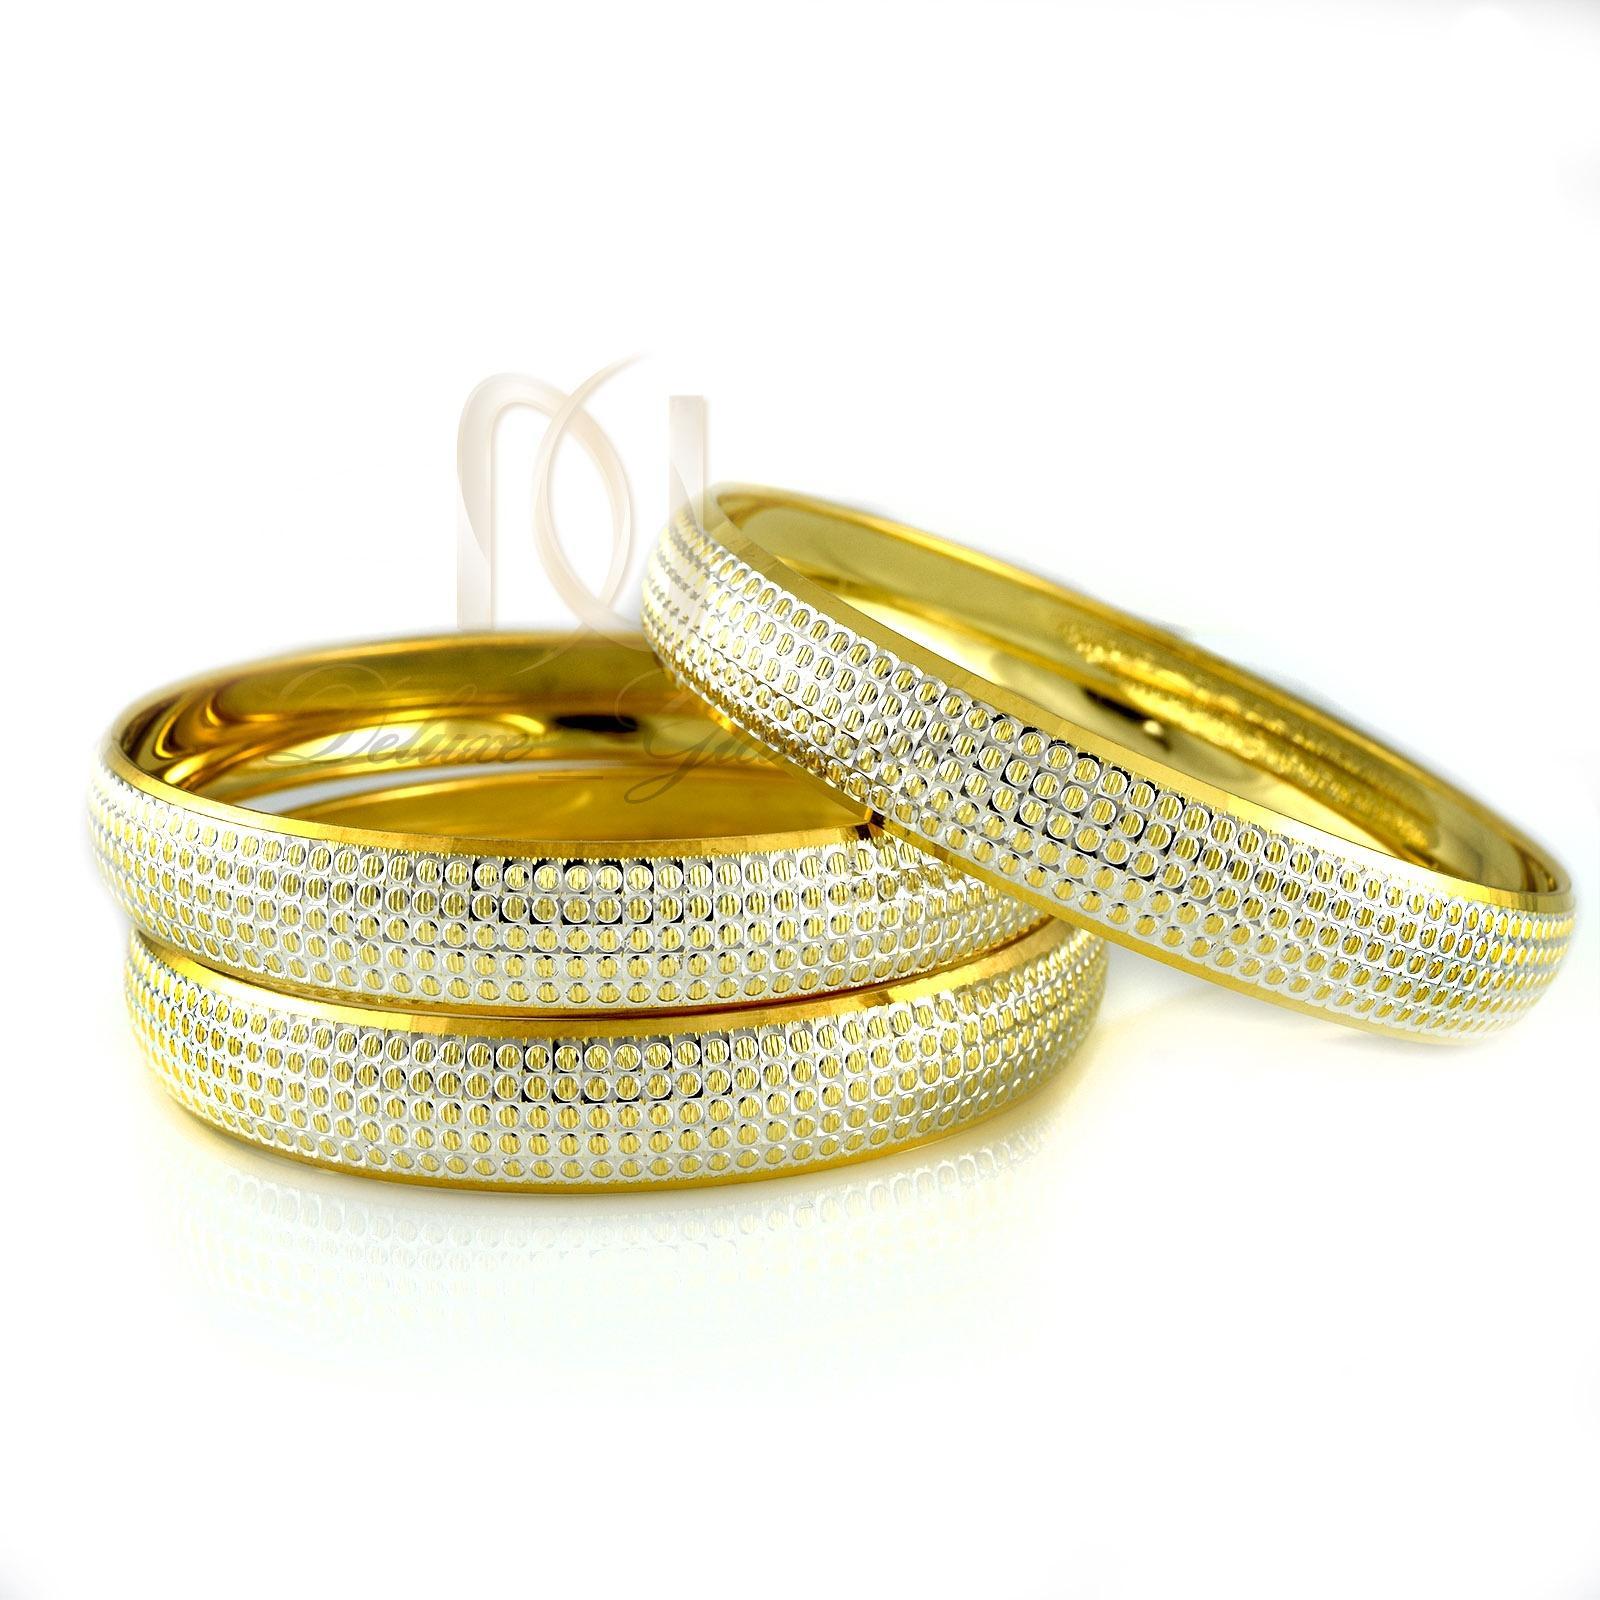 النگو نقره طرح طلای دو رنگ al-n107 از نمای سفید